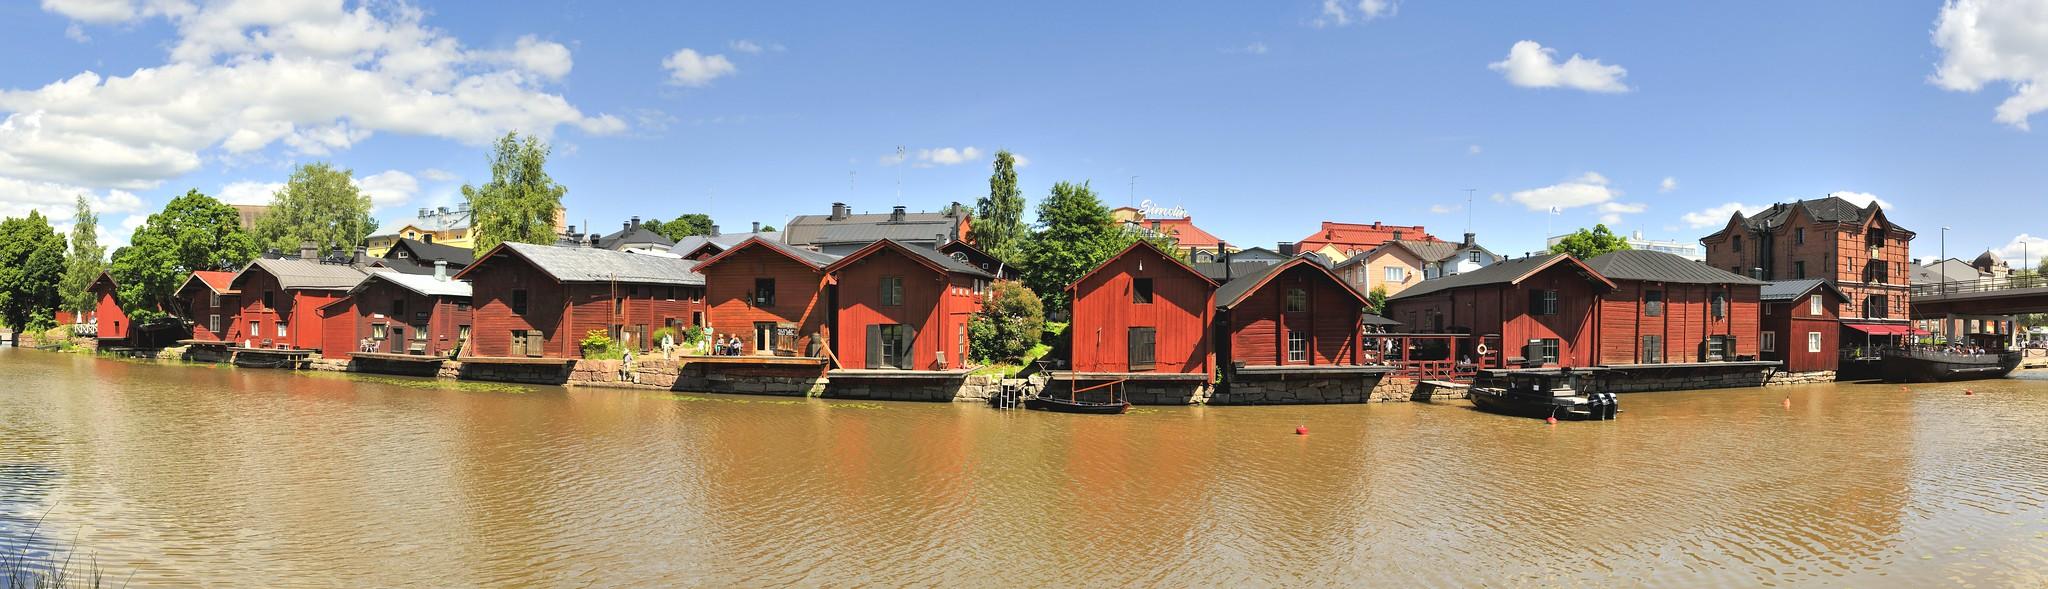 Porvoo - Lagerhäuser am Porvoonjoki